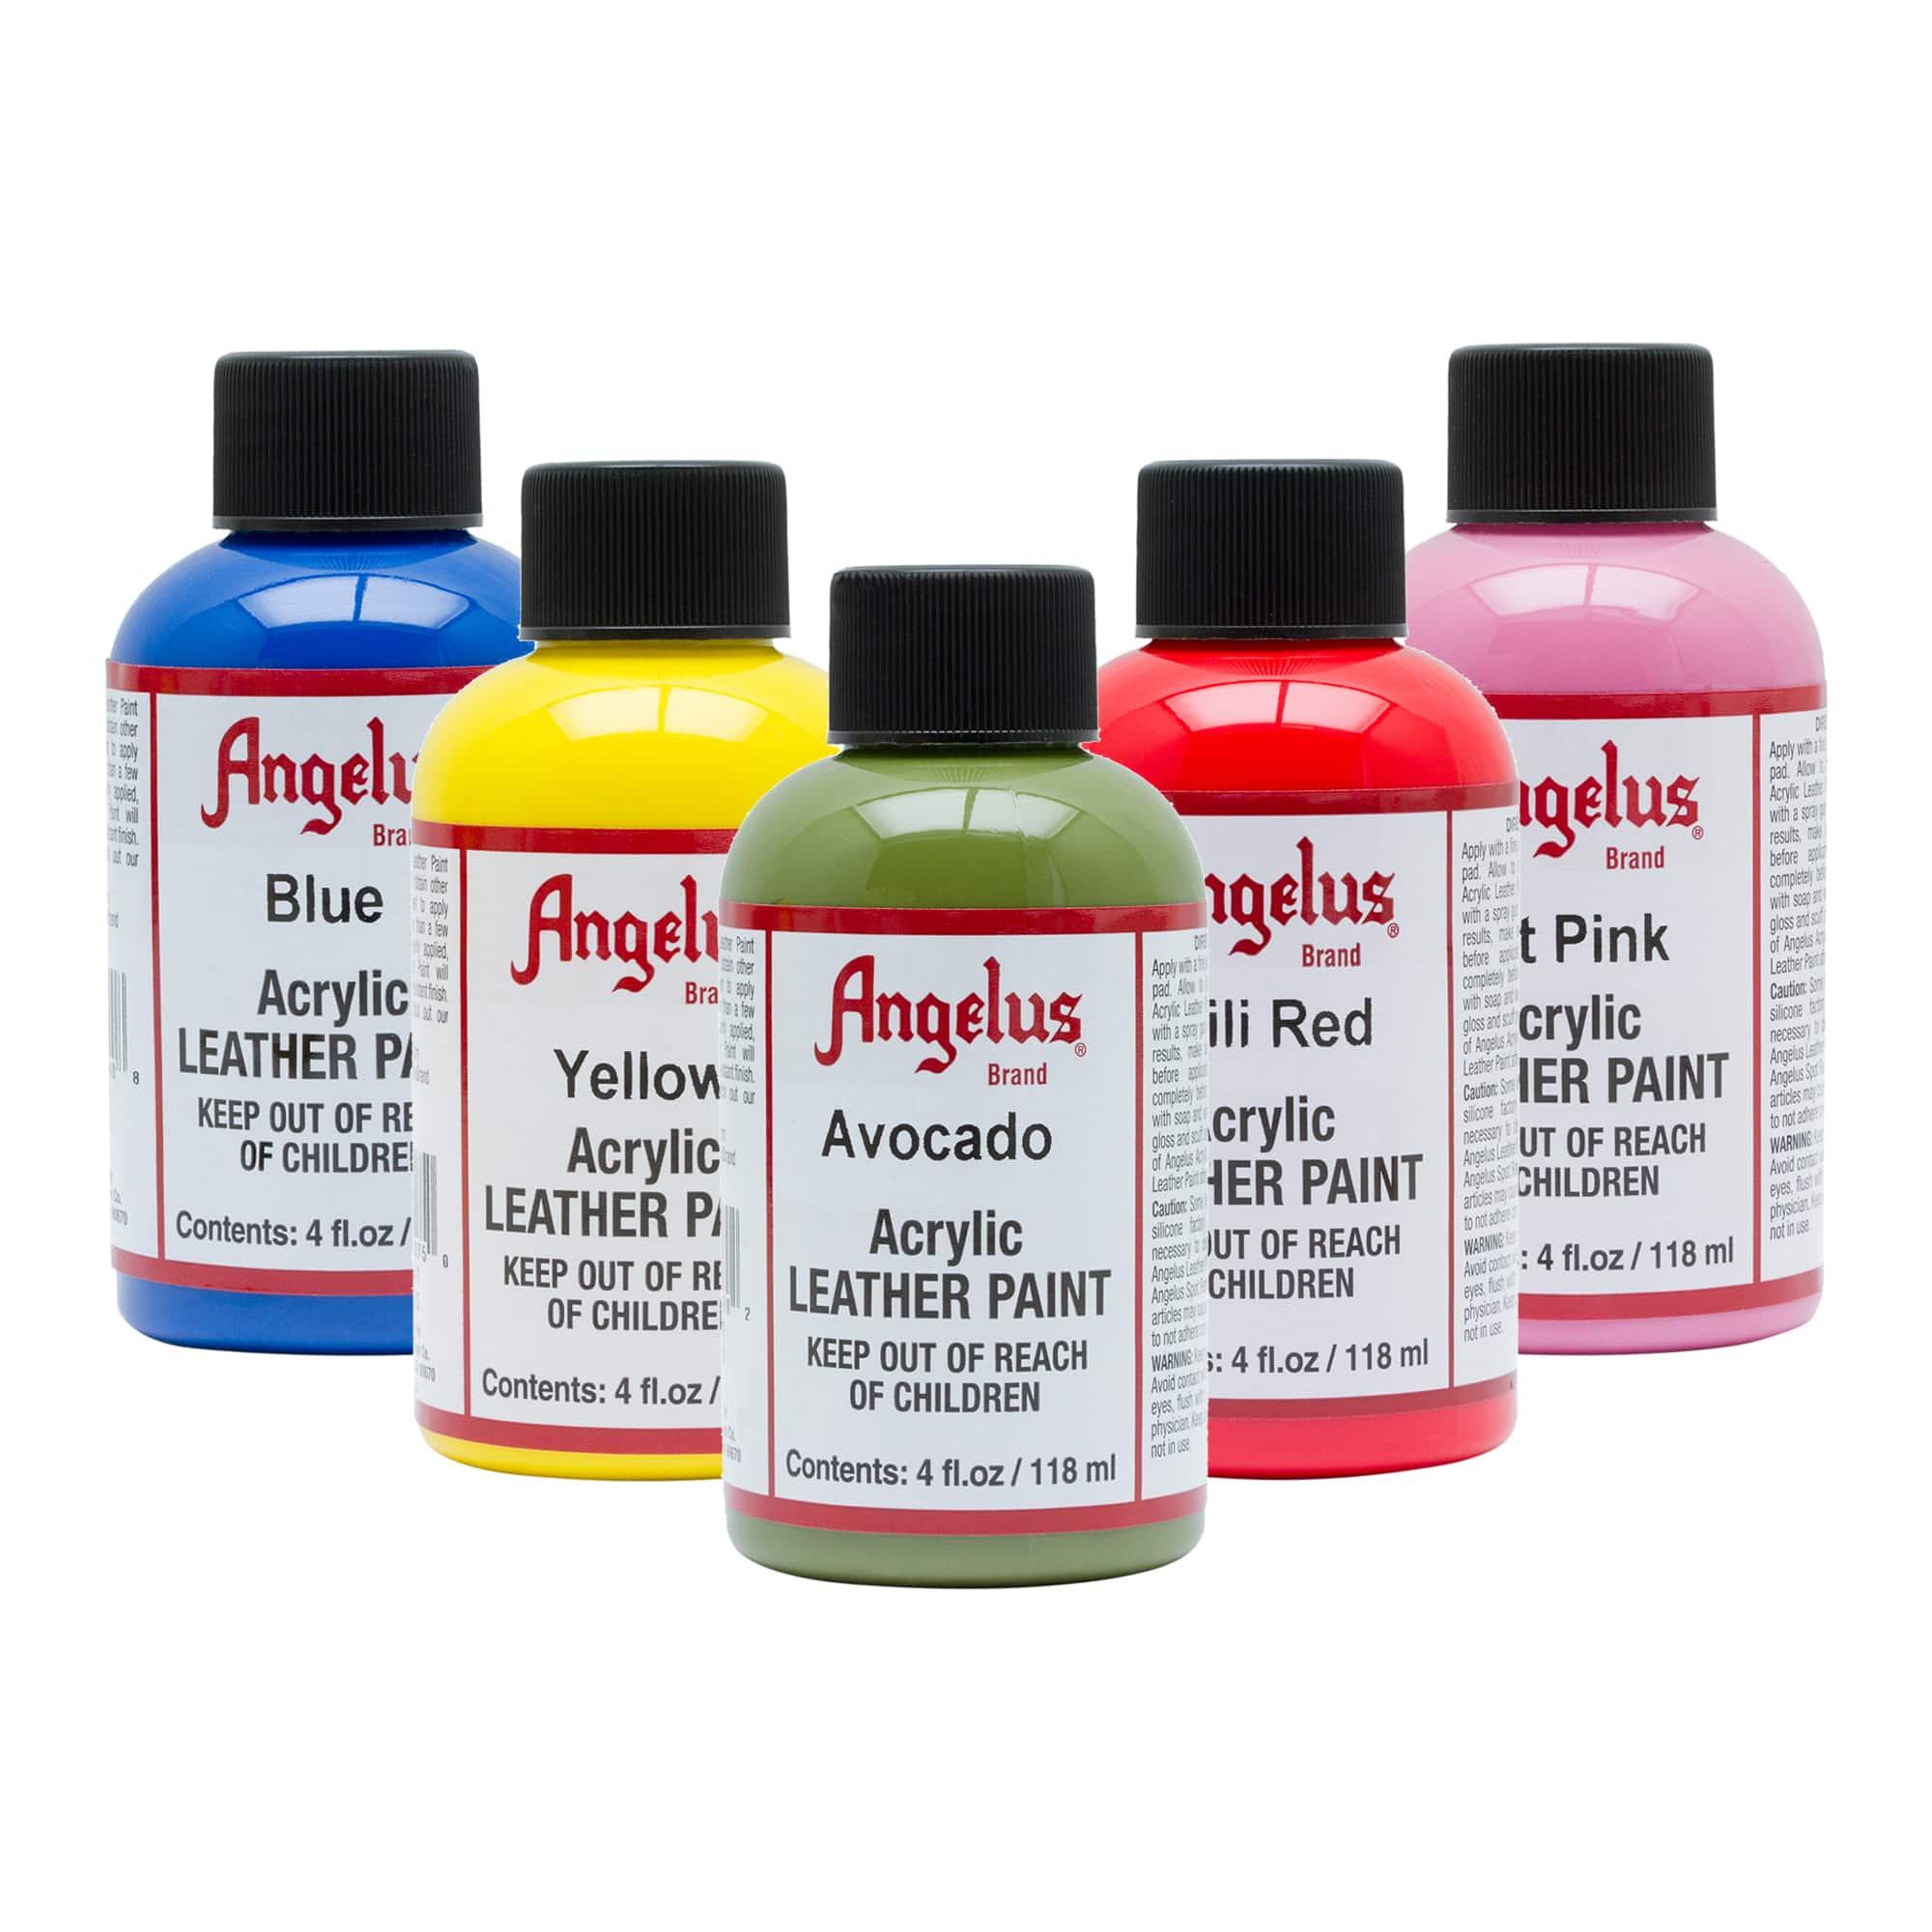 Angelus® Acrylic Leather Paint, 4oz